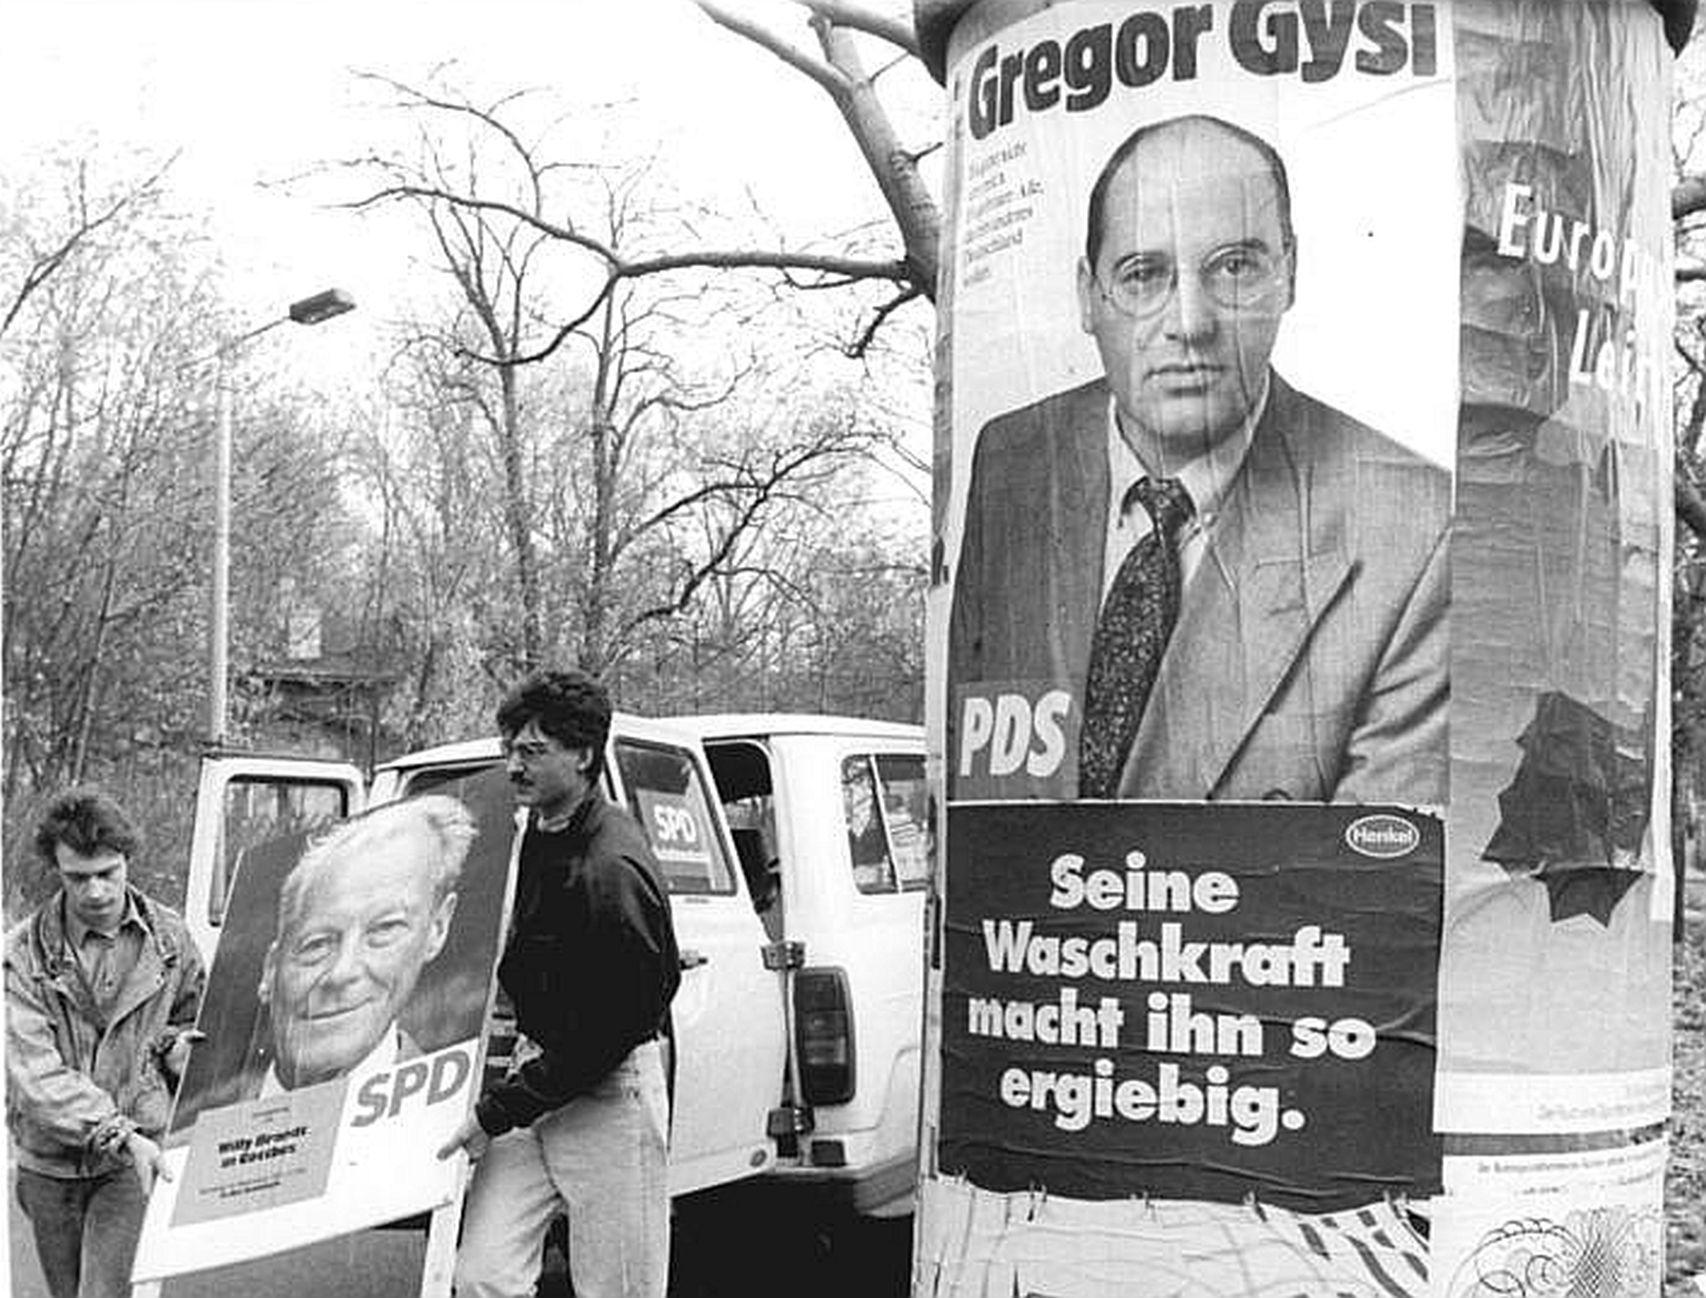 Gregor gysi vermögen